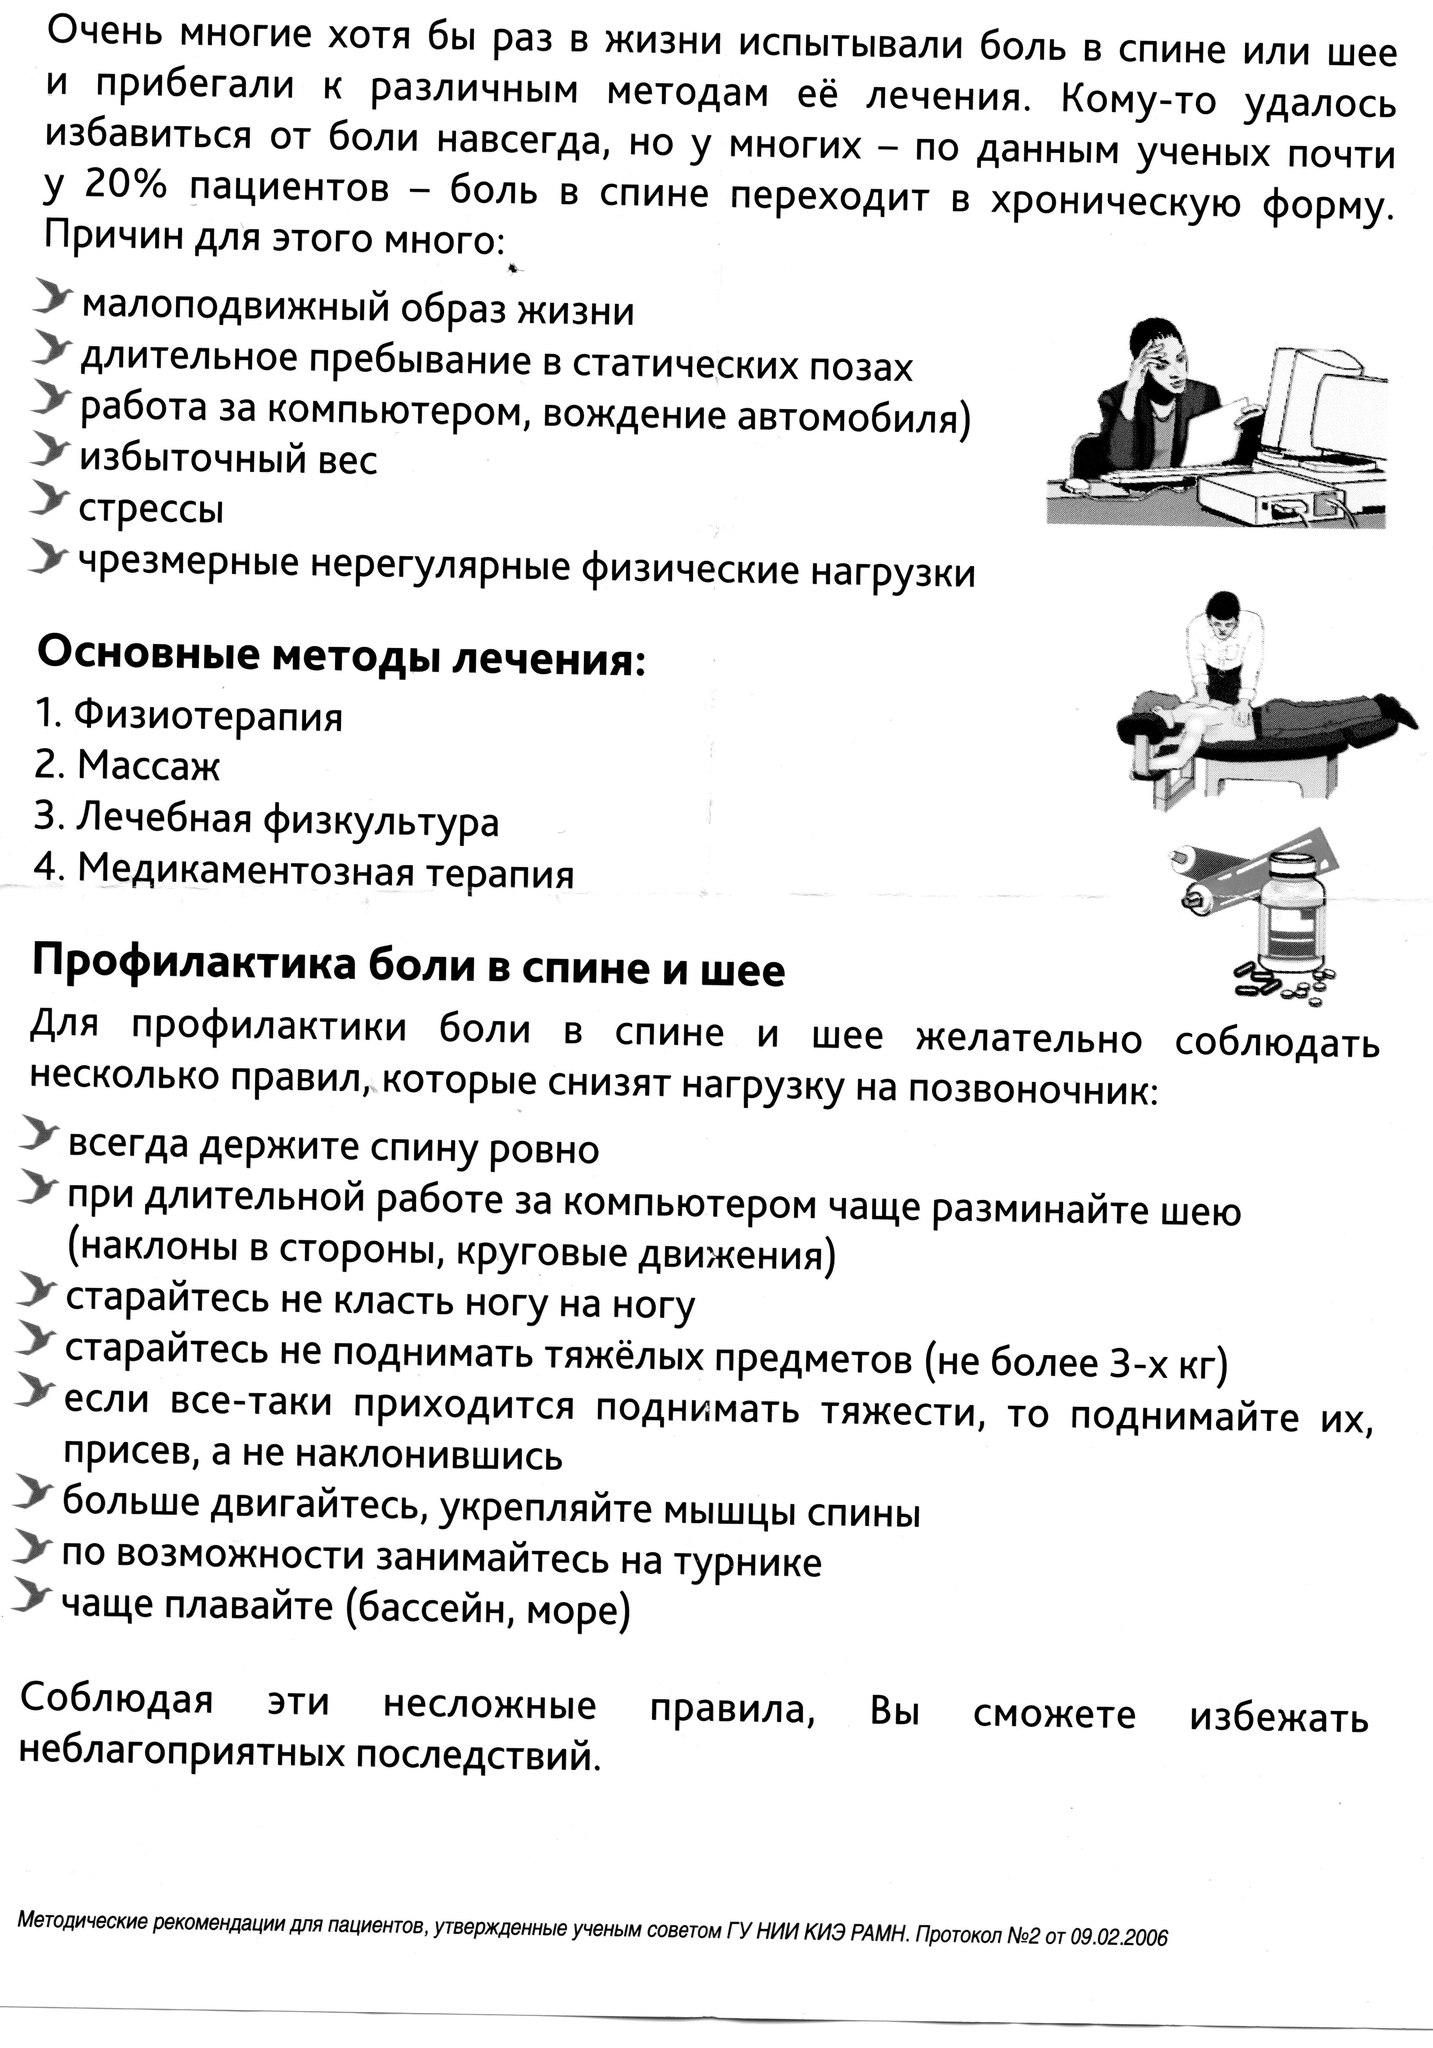 Упражнения для укрепления позвоночника 7 фотография